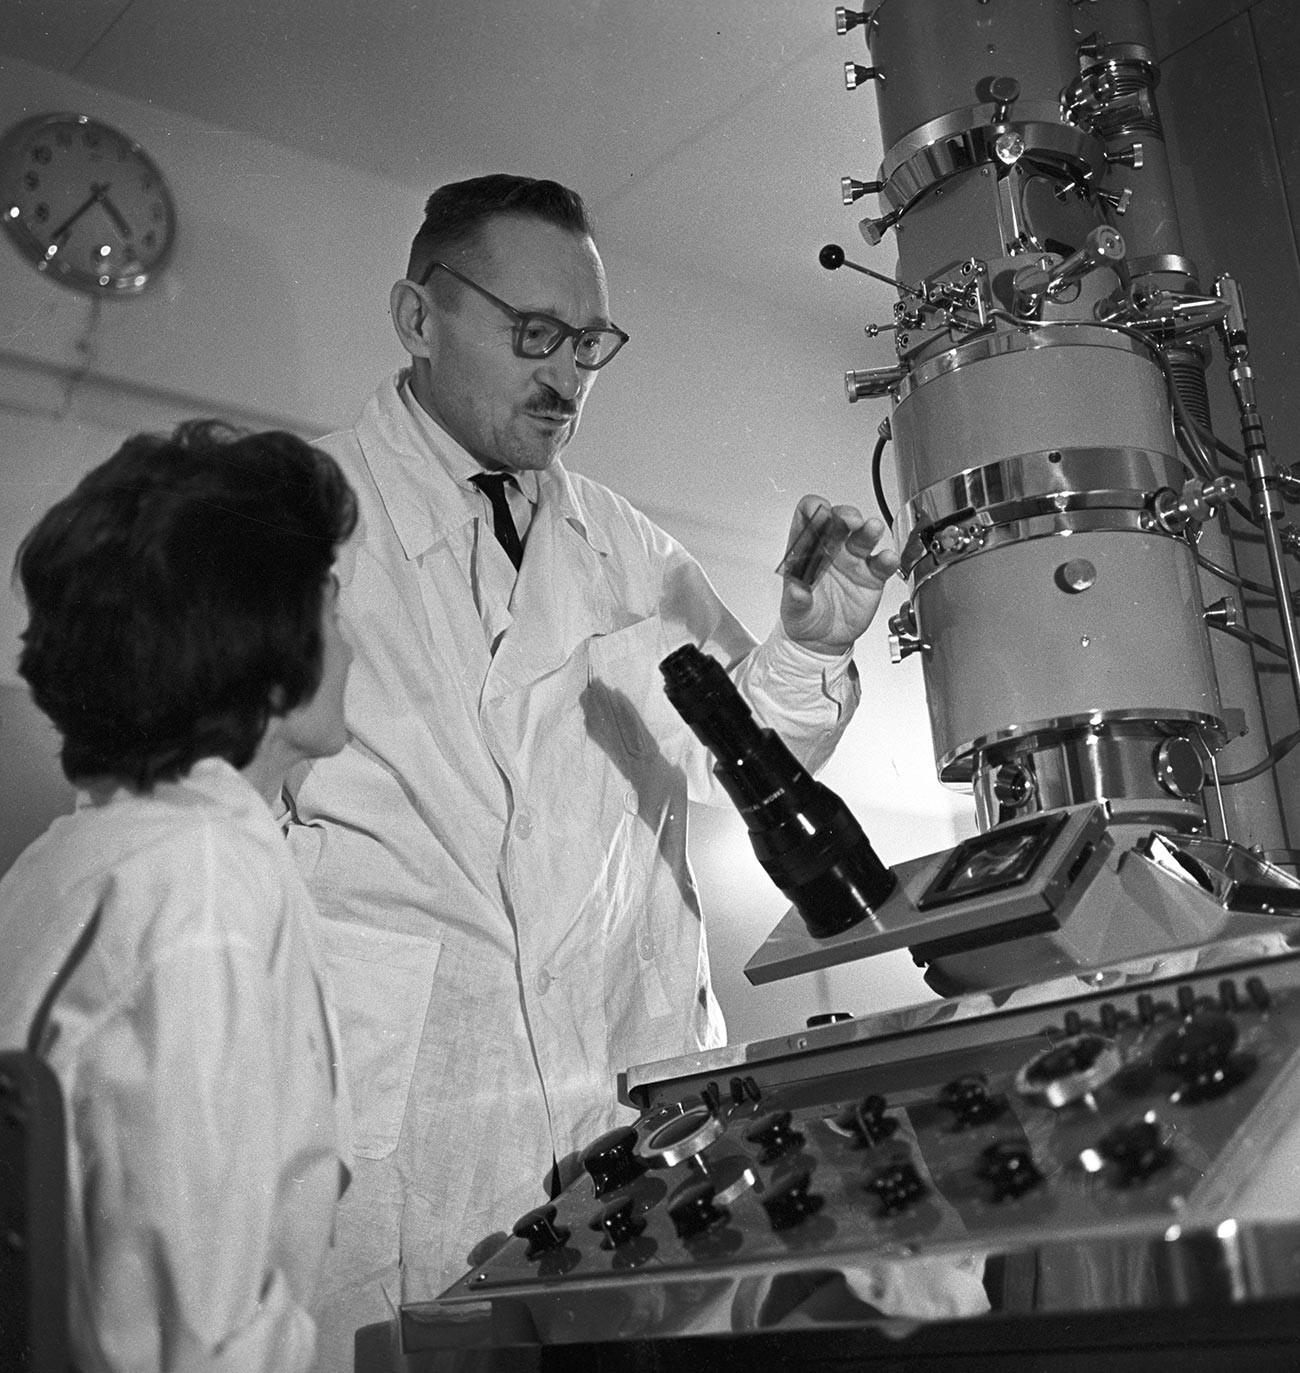 Le scientifique soviétique Viktor Jdanov a catégoriquement nié que le sida ait été créé artificiellement.